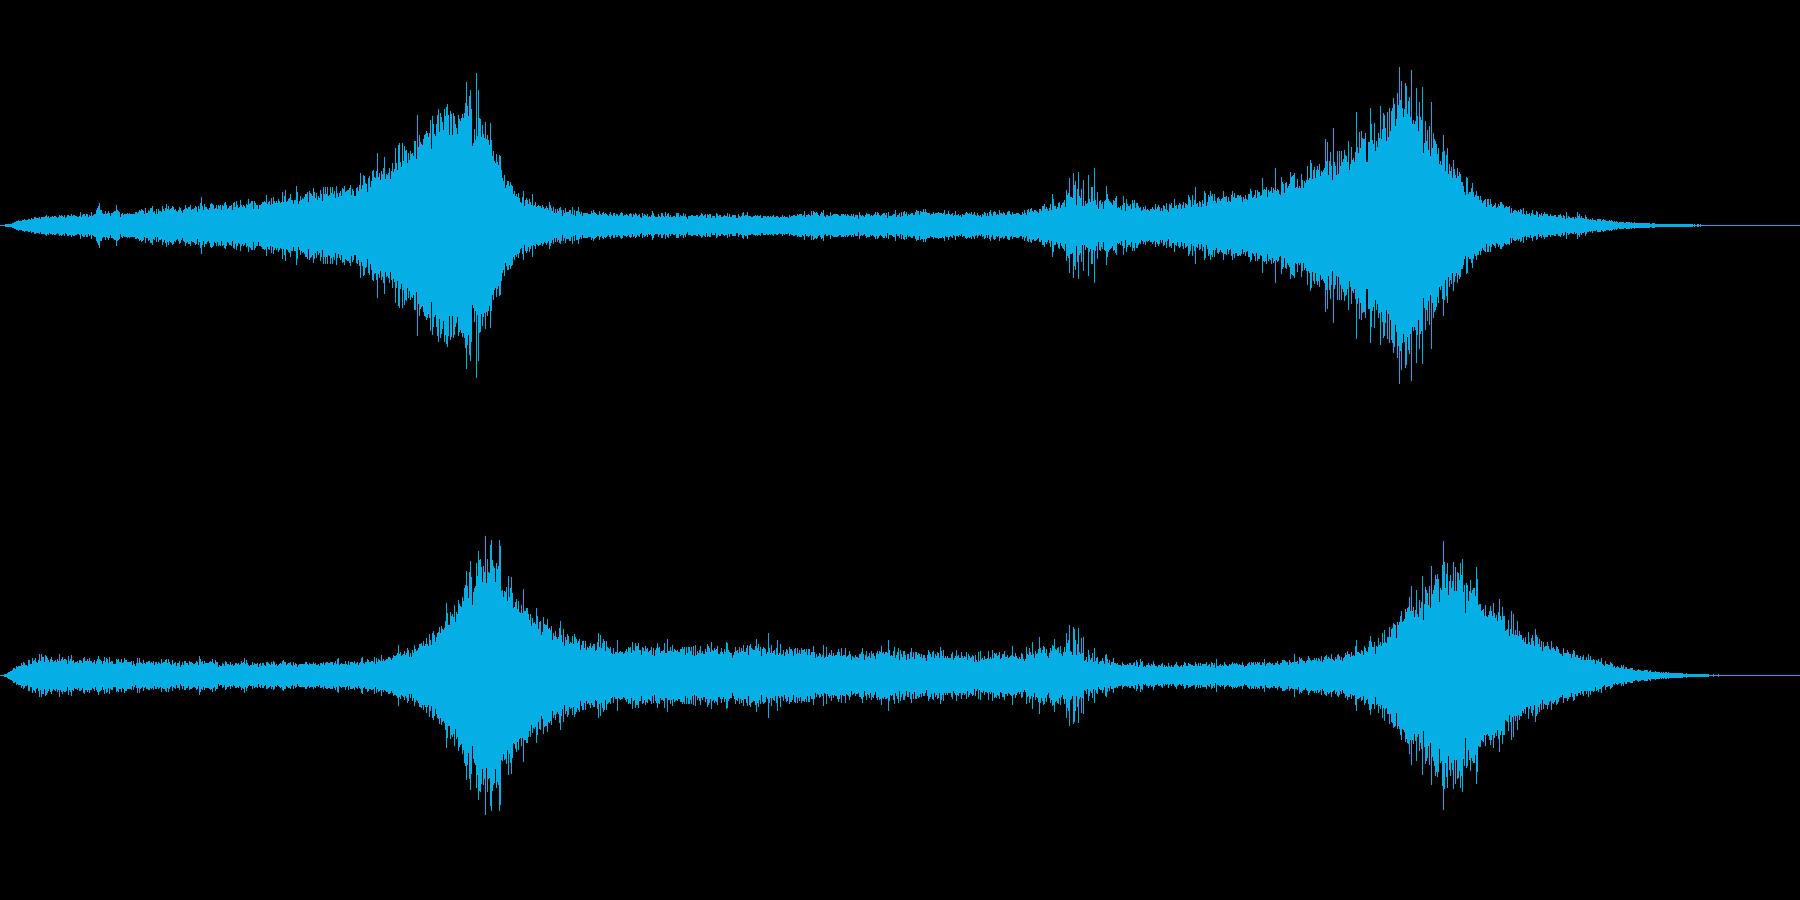 【生録音】 早朝の街 交通 環境音 19の再生済みの波形